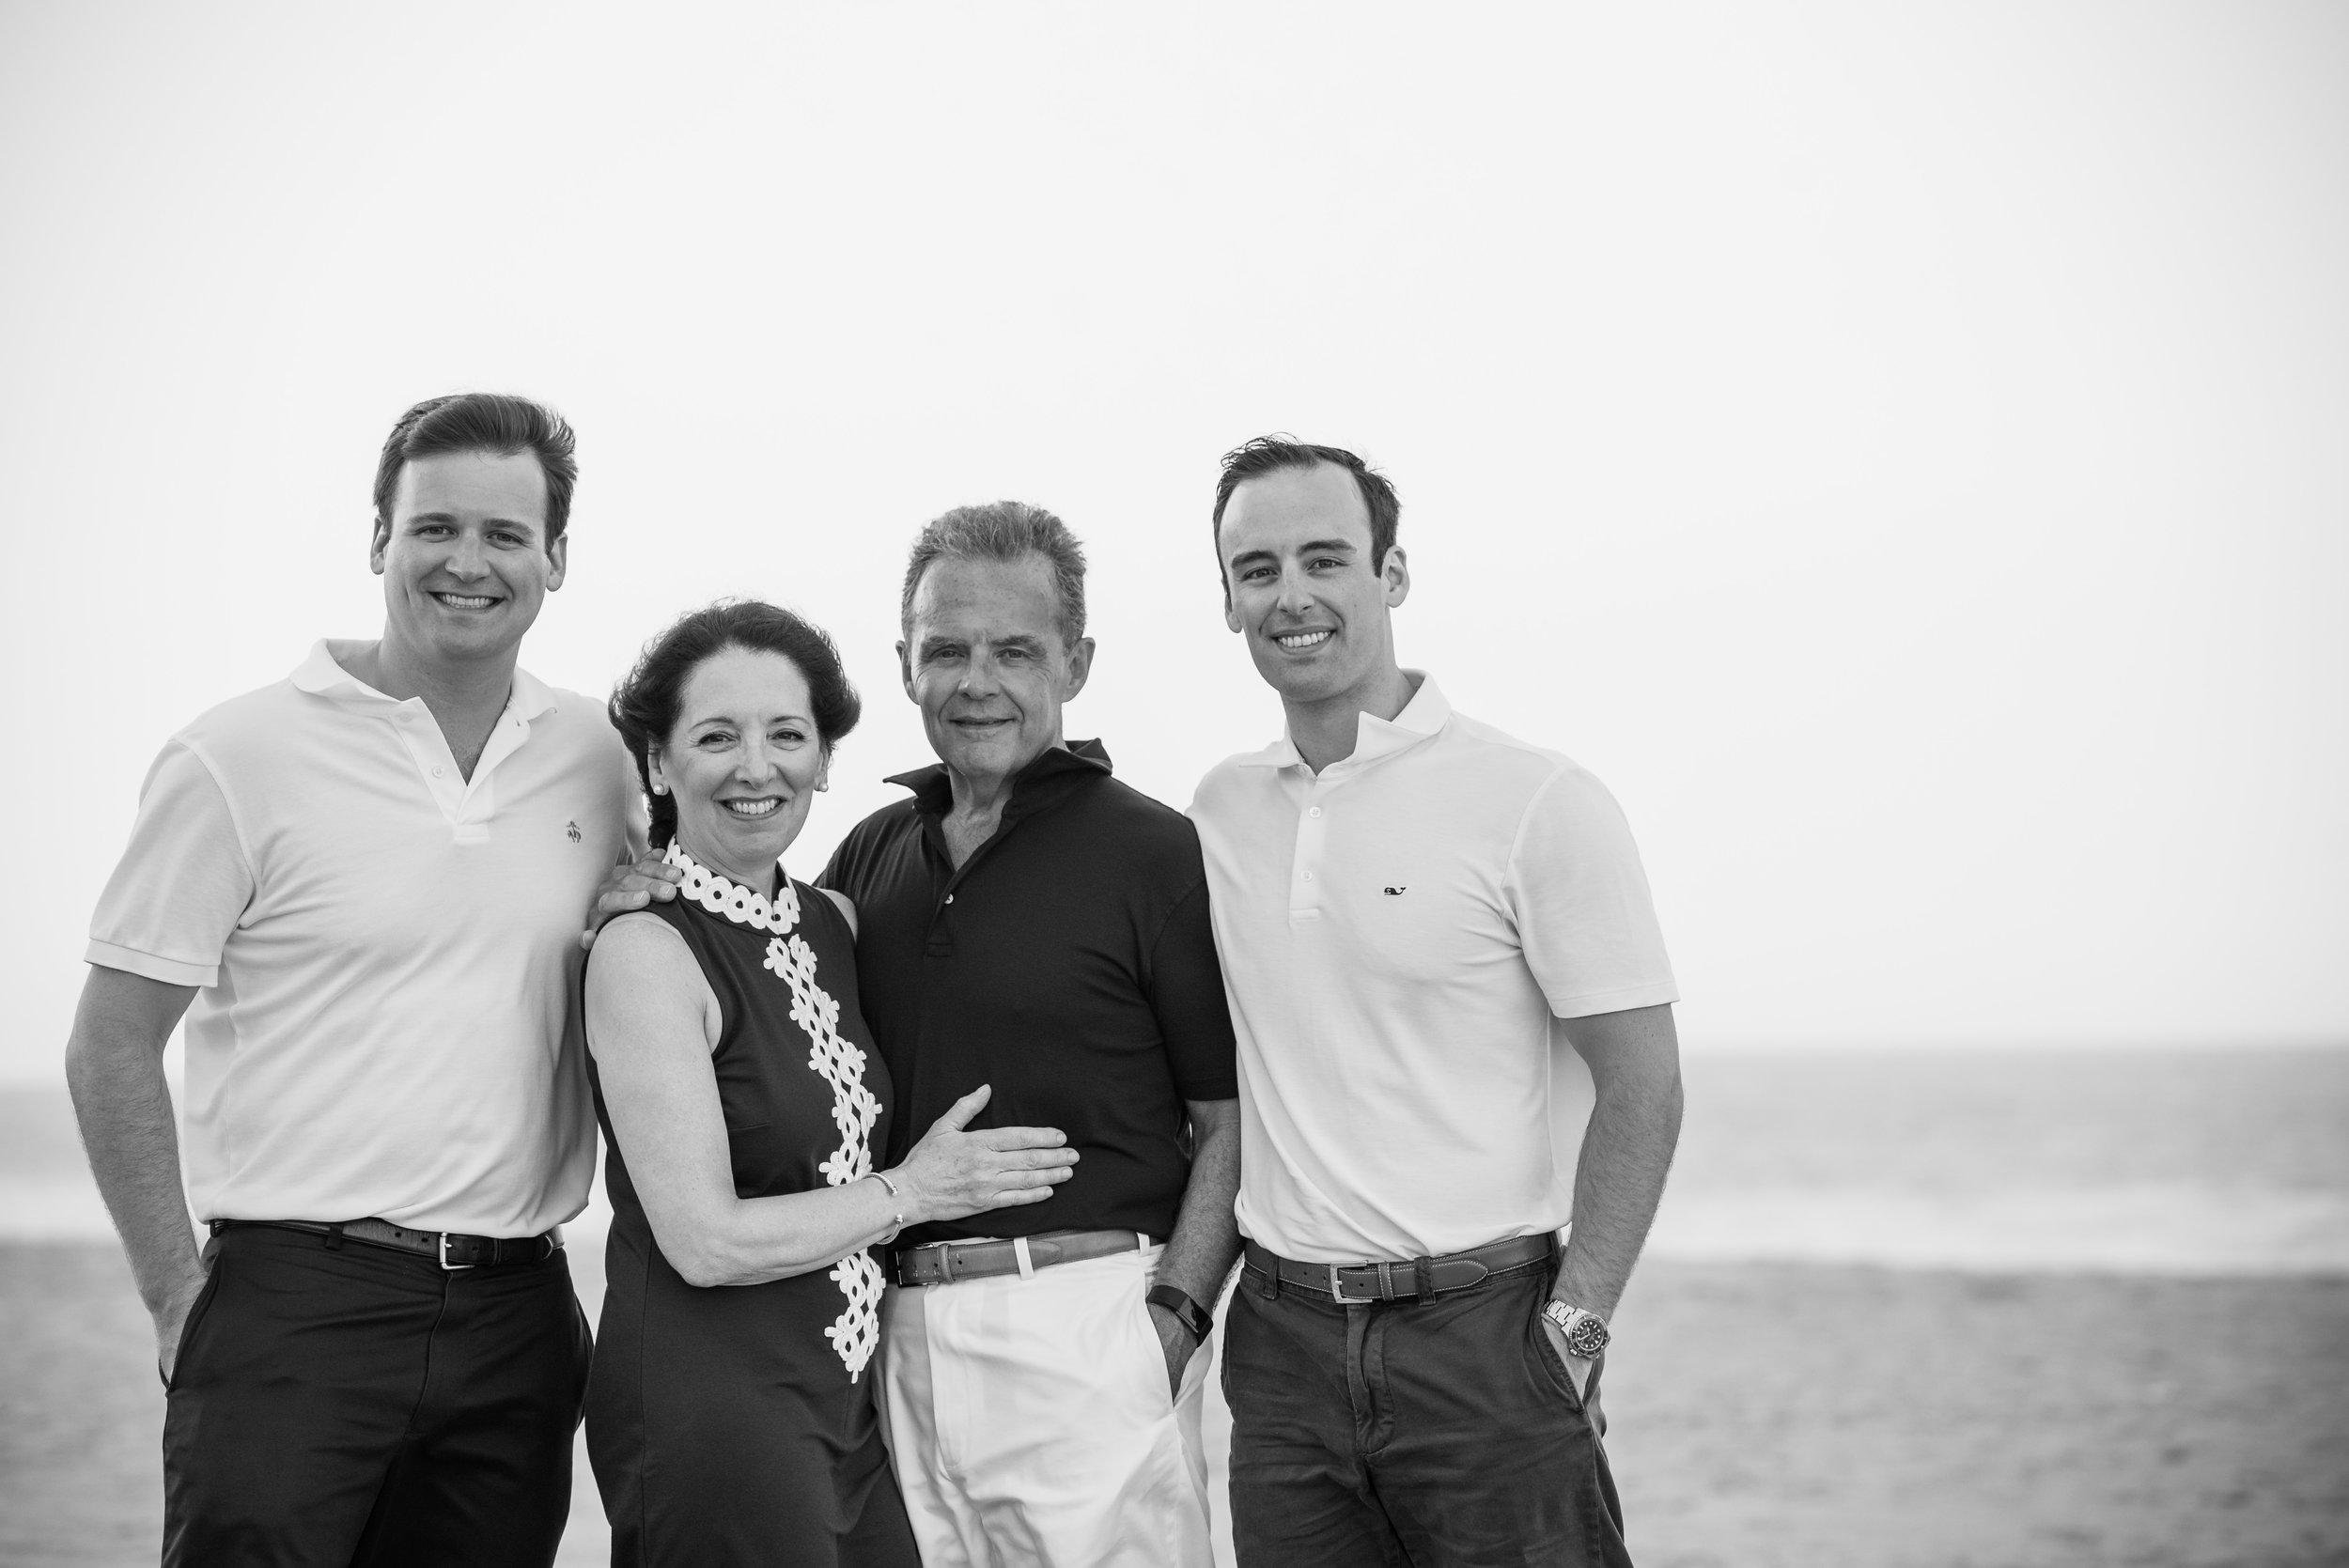 LBI Family Photos, The Marcel Family 9